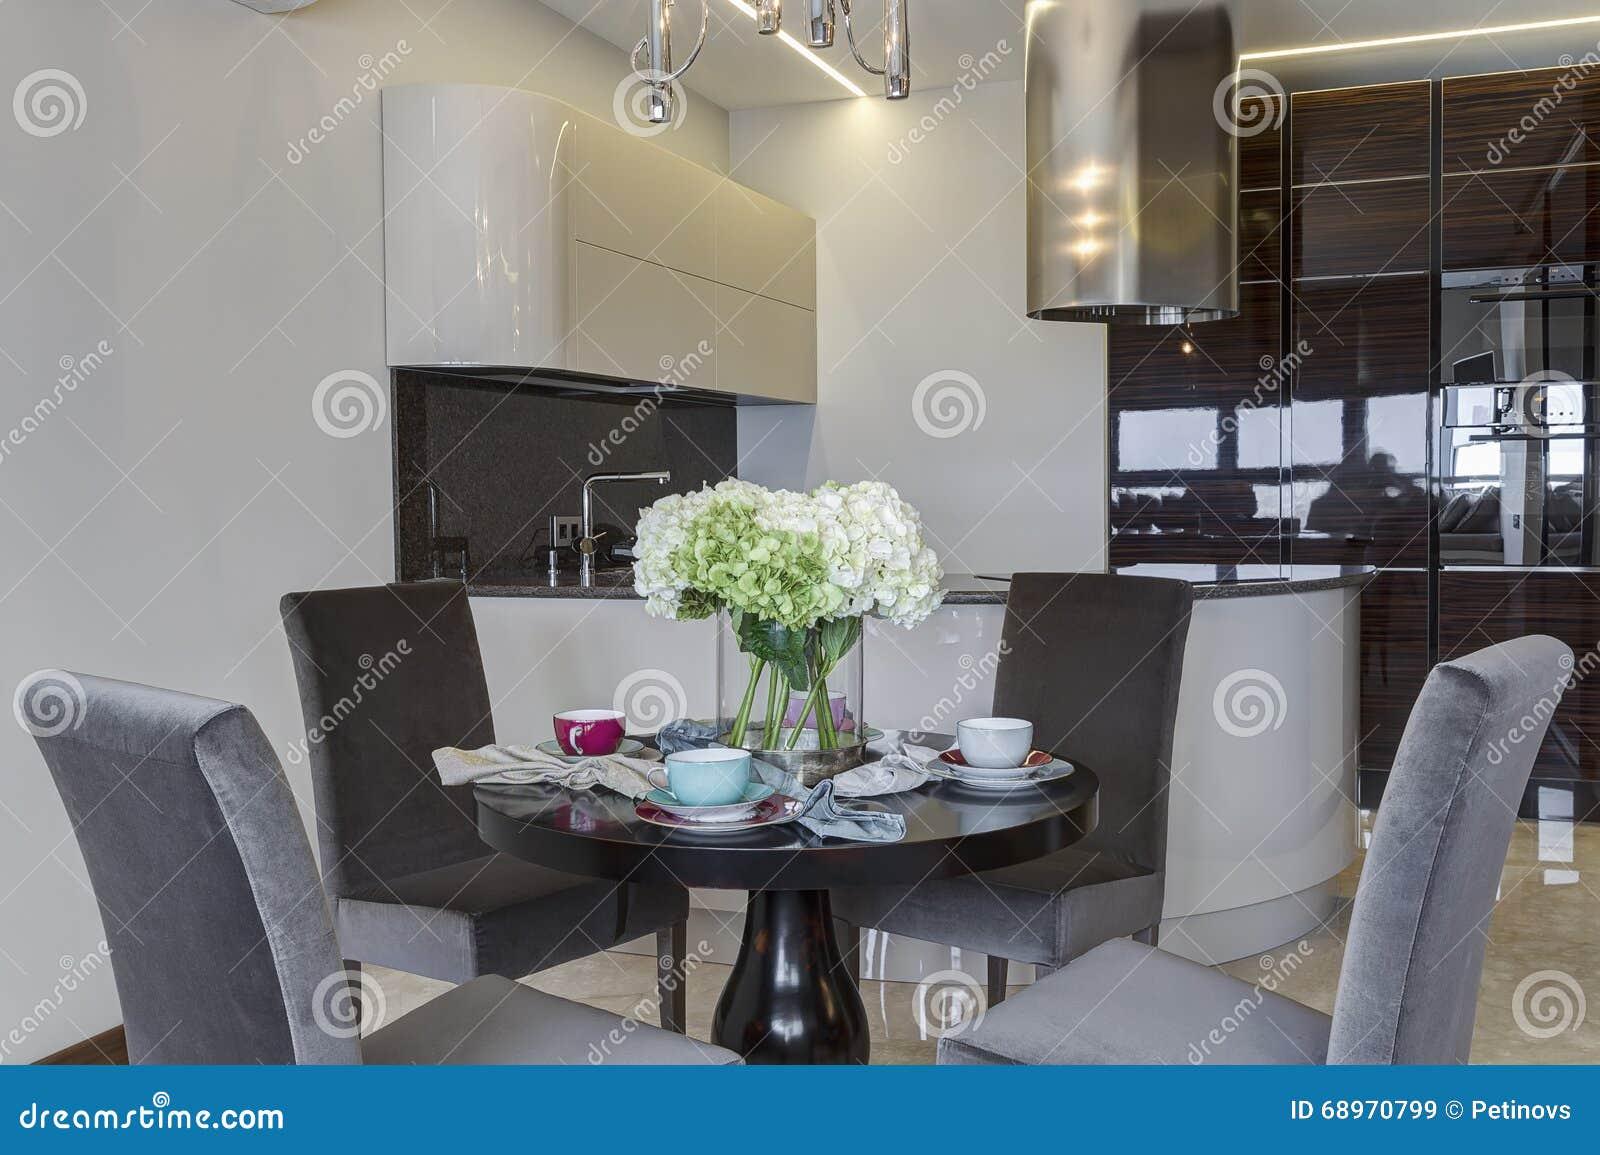 Cuisine Moderne Avec La Table Ronde Et Quatre Chaises Image stock ...